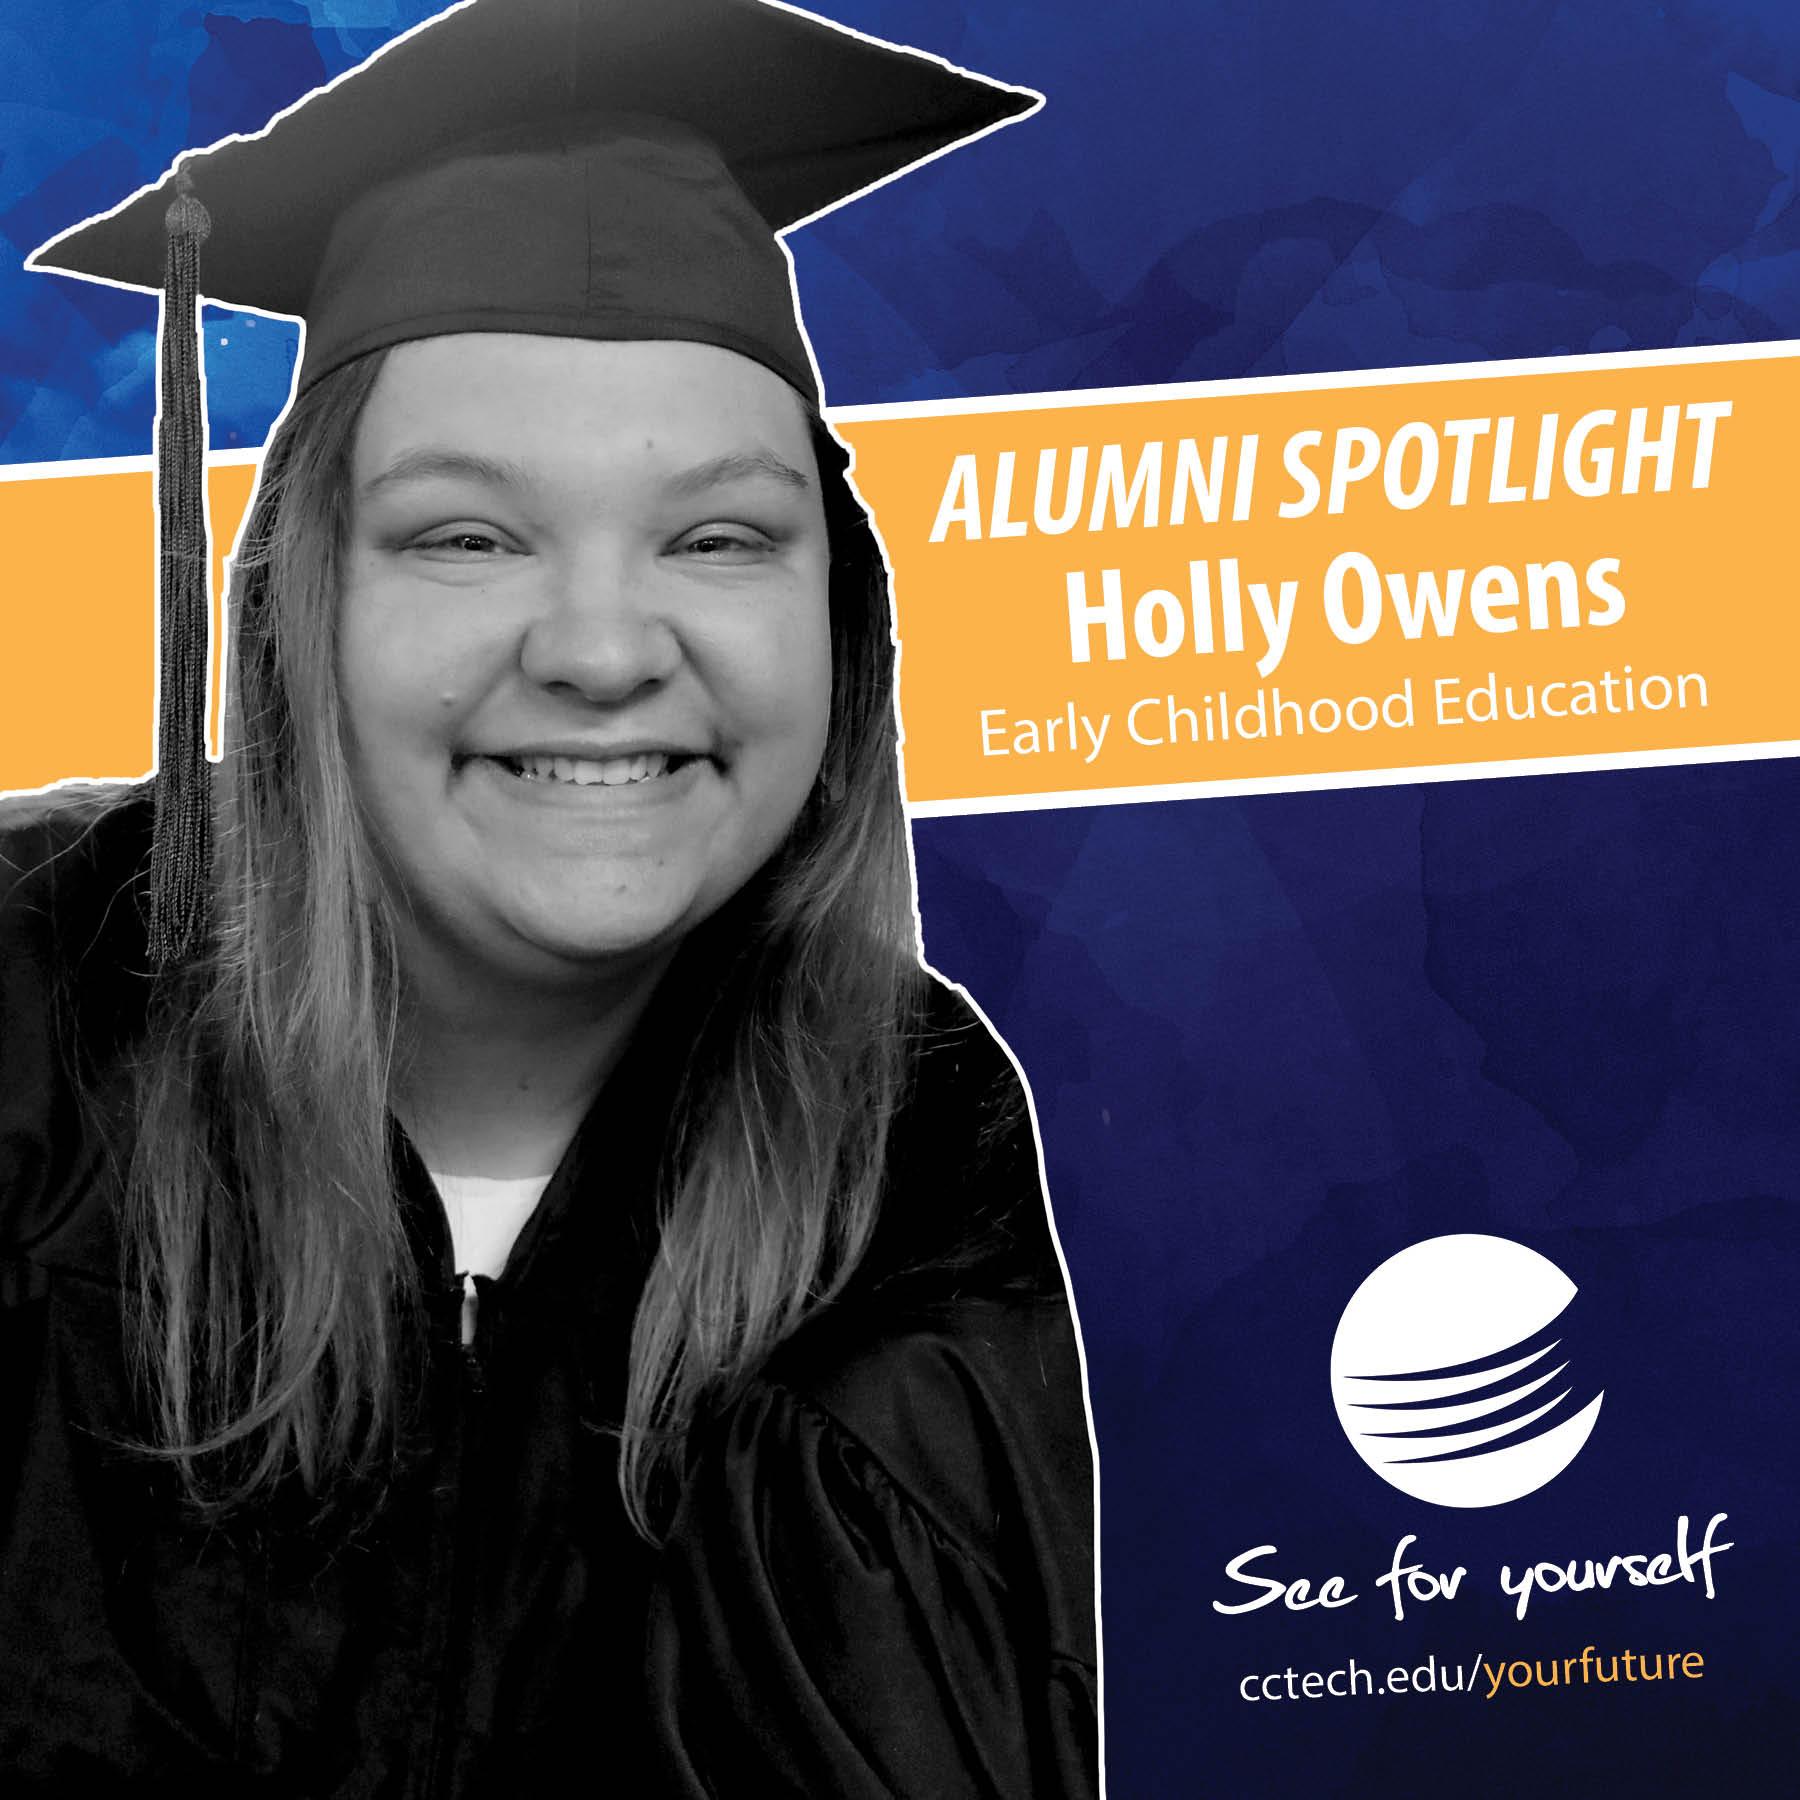 Holly Owens